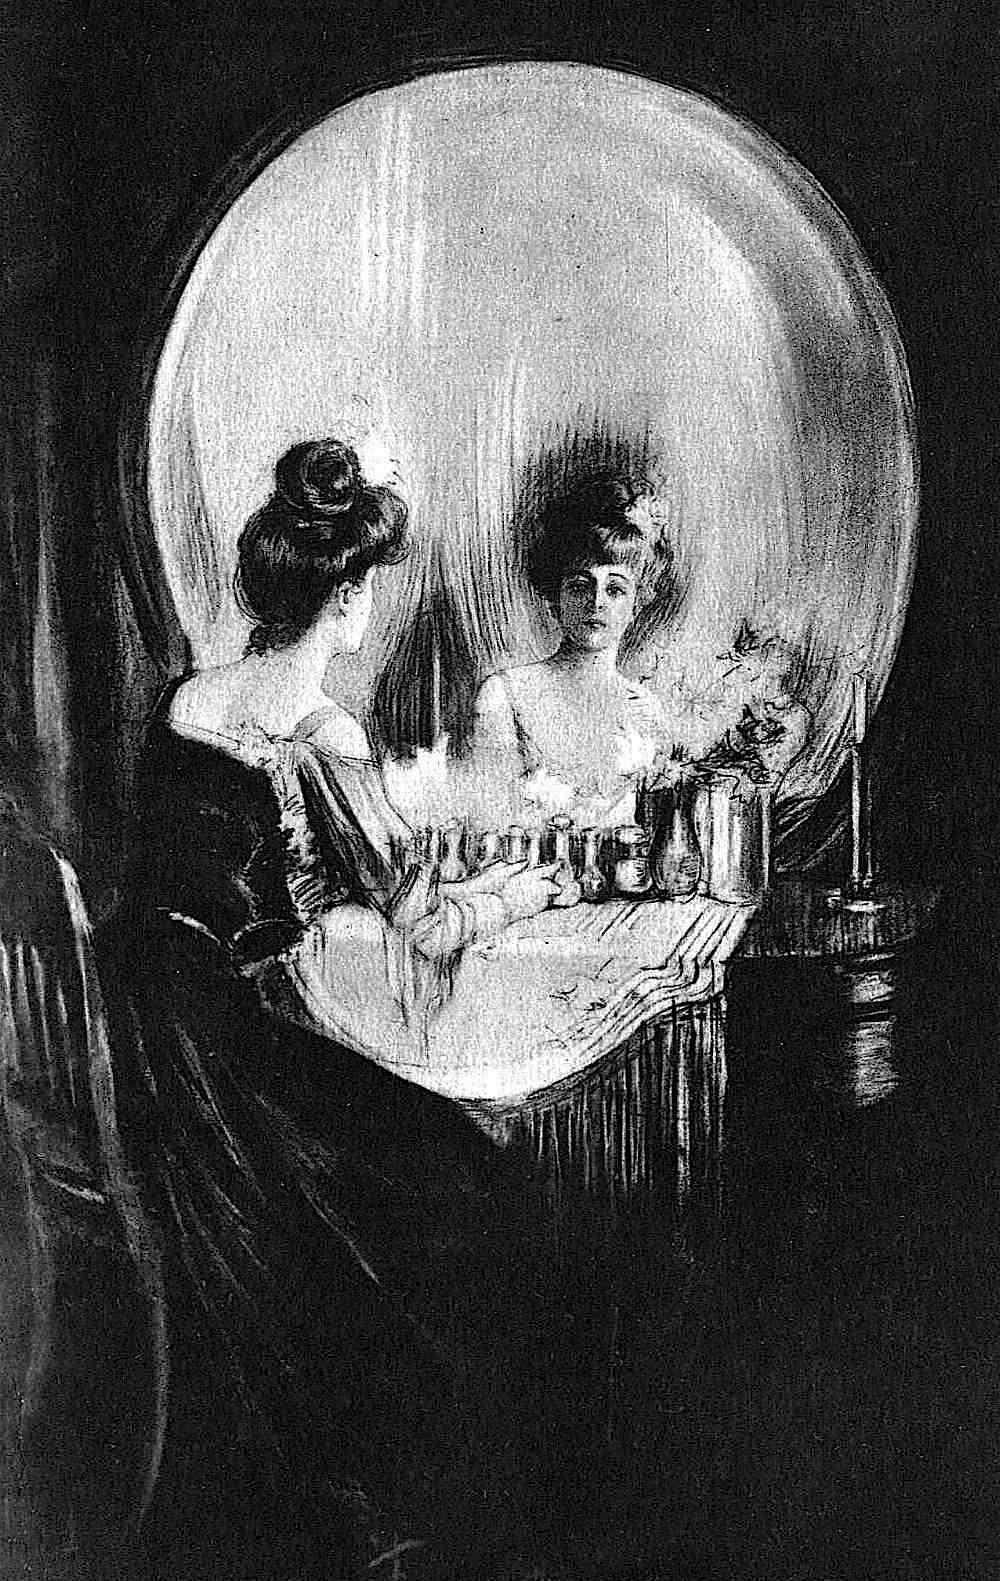 the Alfred Schweizer skull mirror art